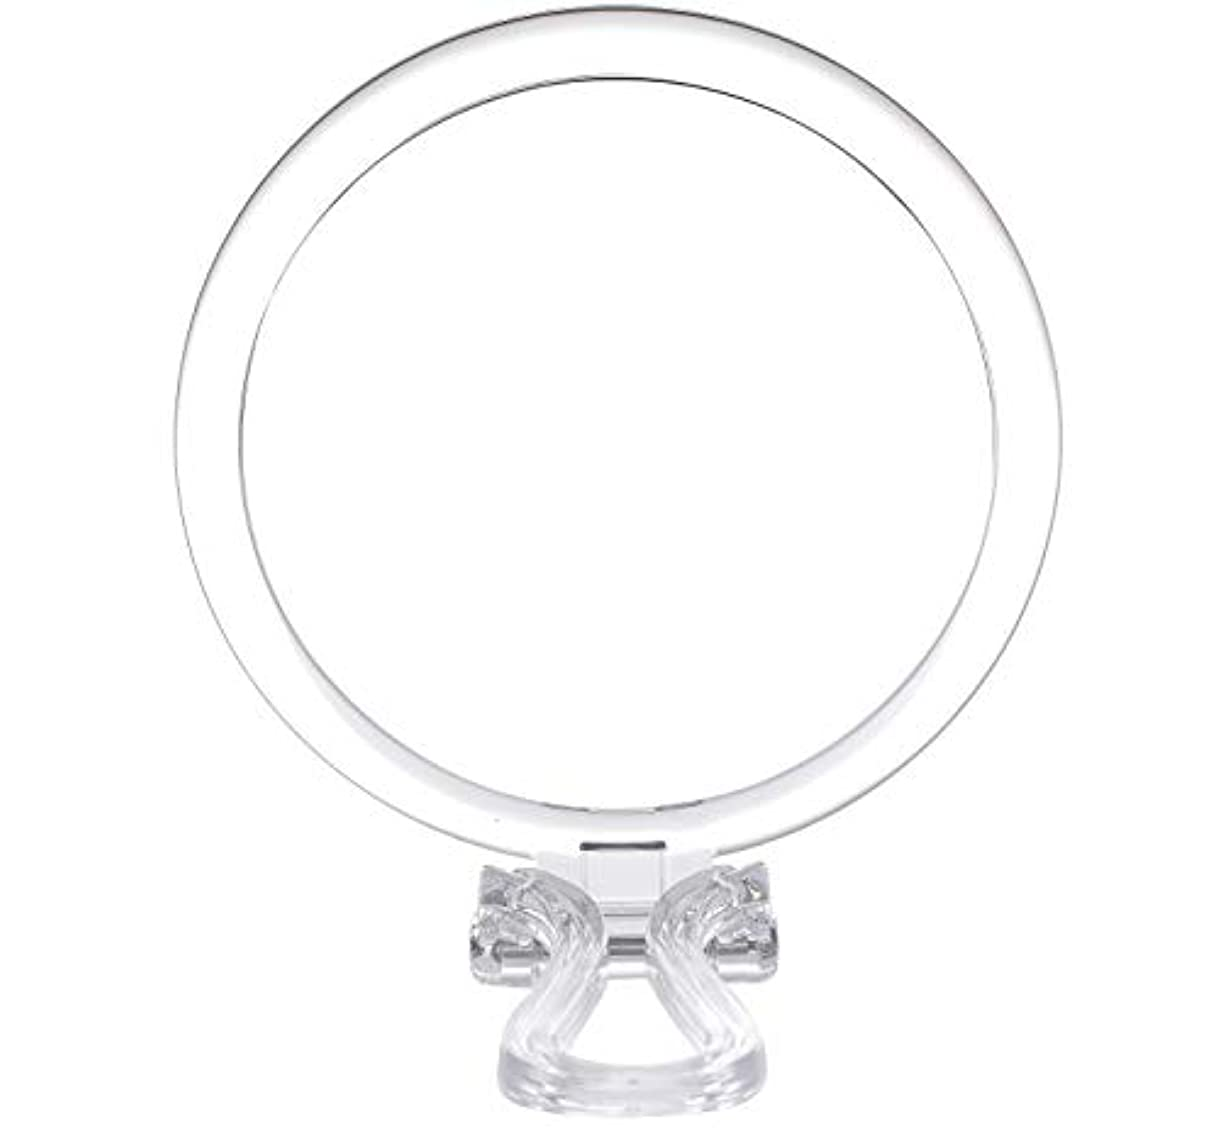 リスキーなできれば意気揚々Miss Sweet 手鏡 折立両面鏡 拡大鏡付き 化粧鏡 1倍*7倍 (7倍*1倍)